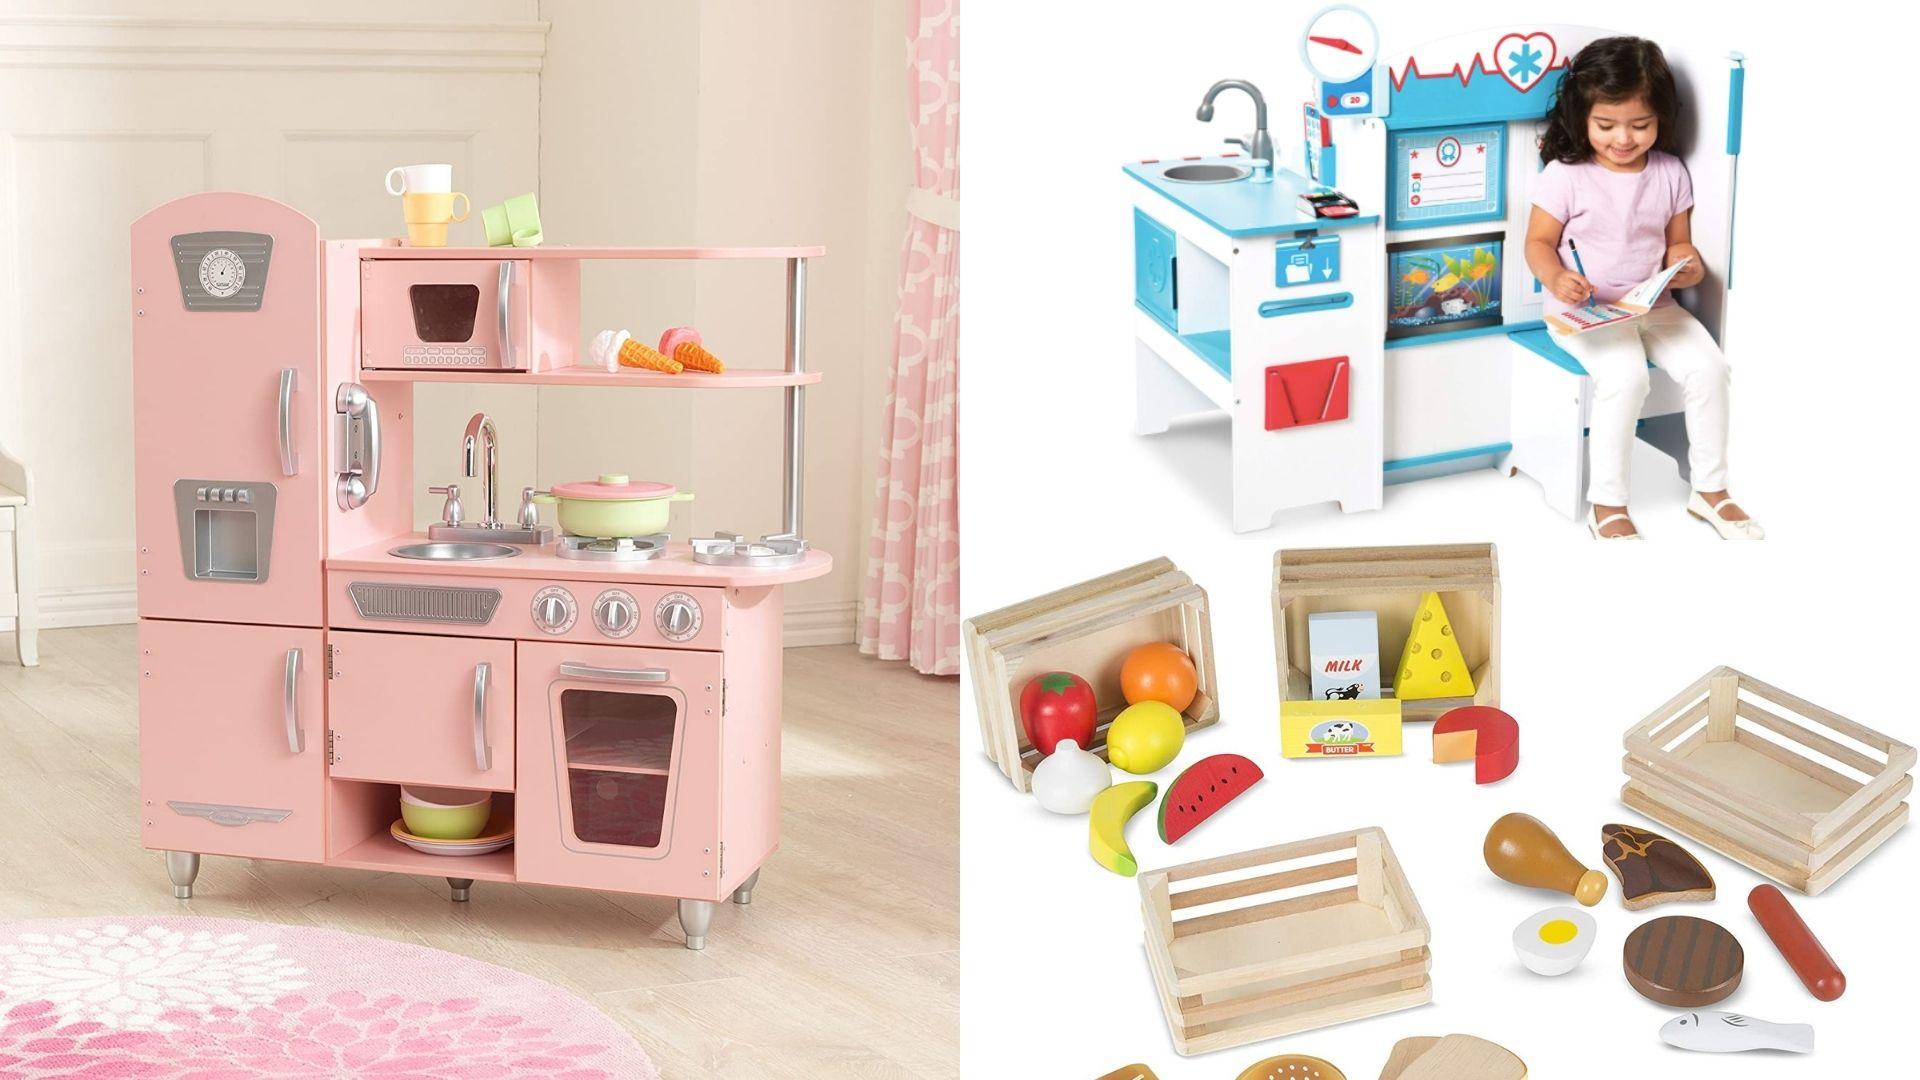 Offres de jouets en bois Prime Day jouets en bois cuisine en bois nourriture en bois